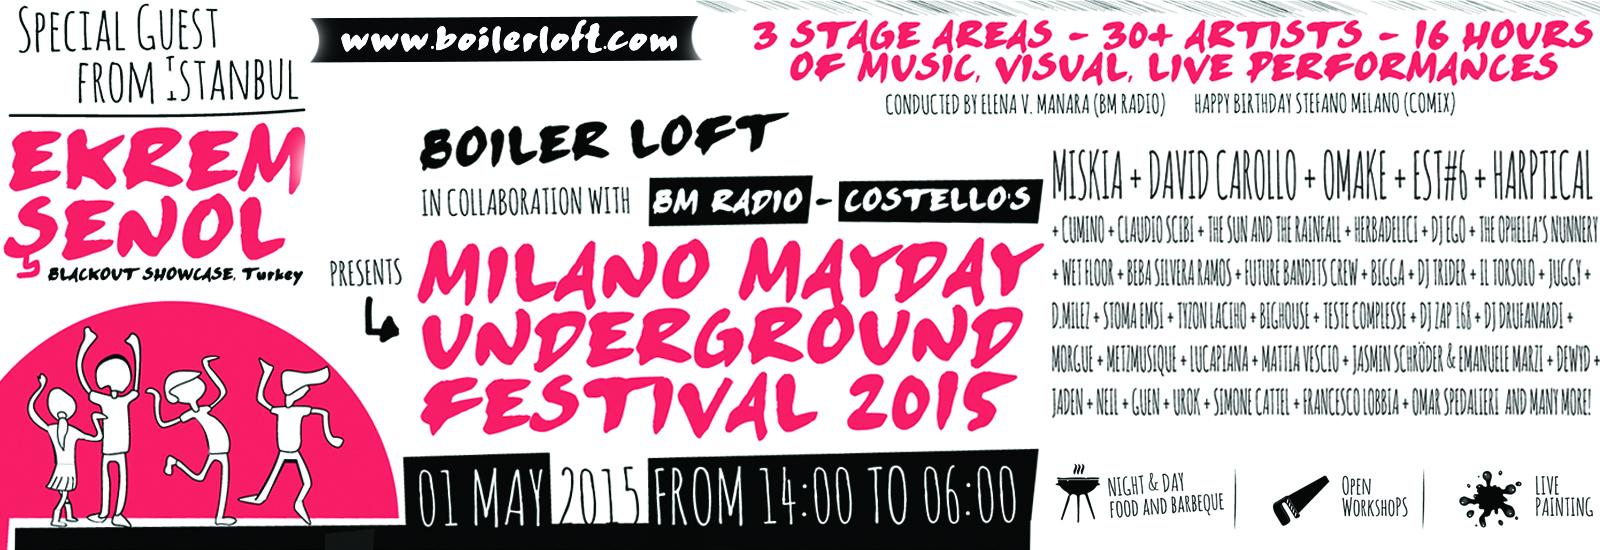 Milano Mayday Underground Festival